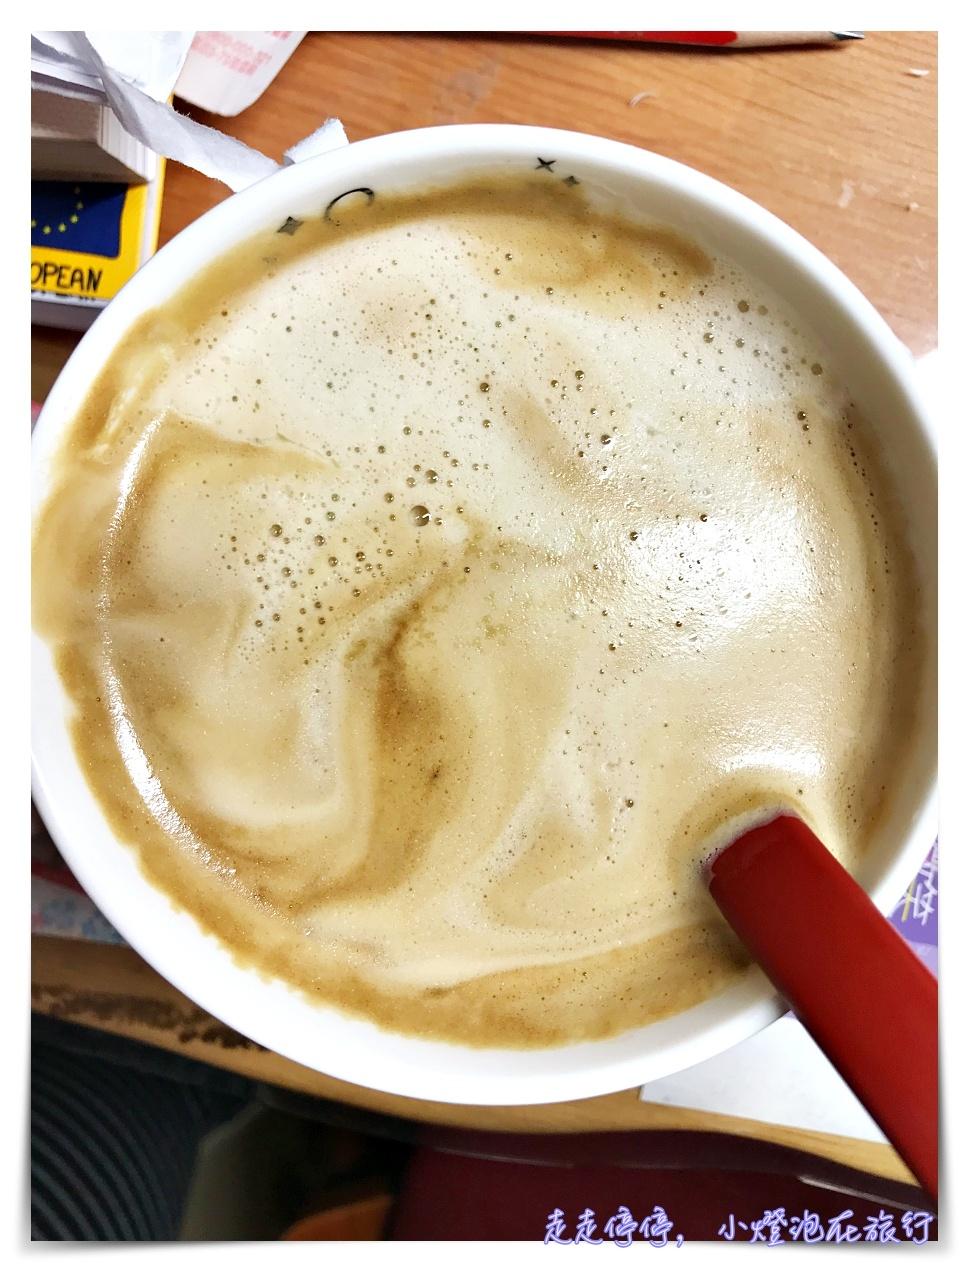 不專業防彈咖啡|身體旅行減醣日記,葡萄糖如果與血紅素結合後, 照耀初日光 ...